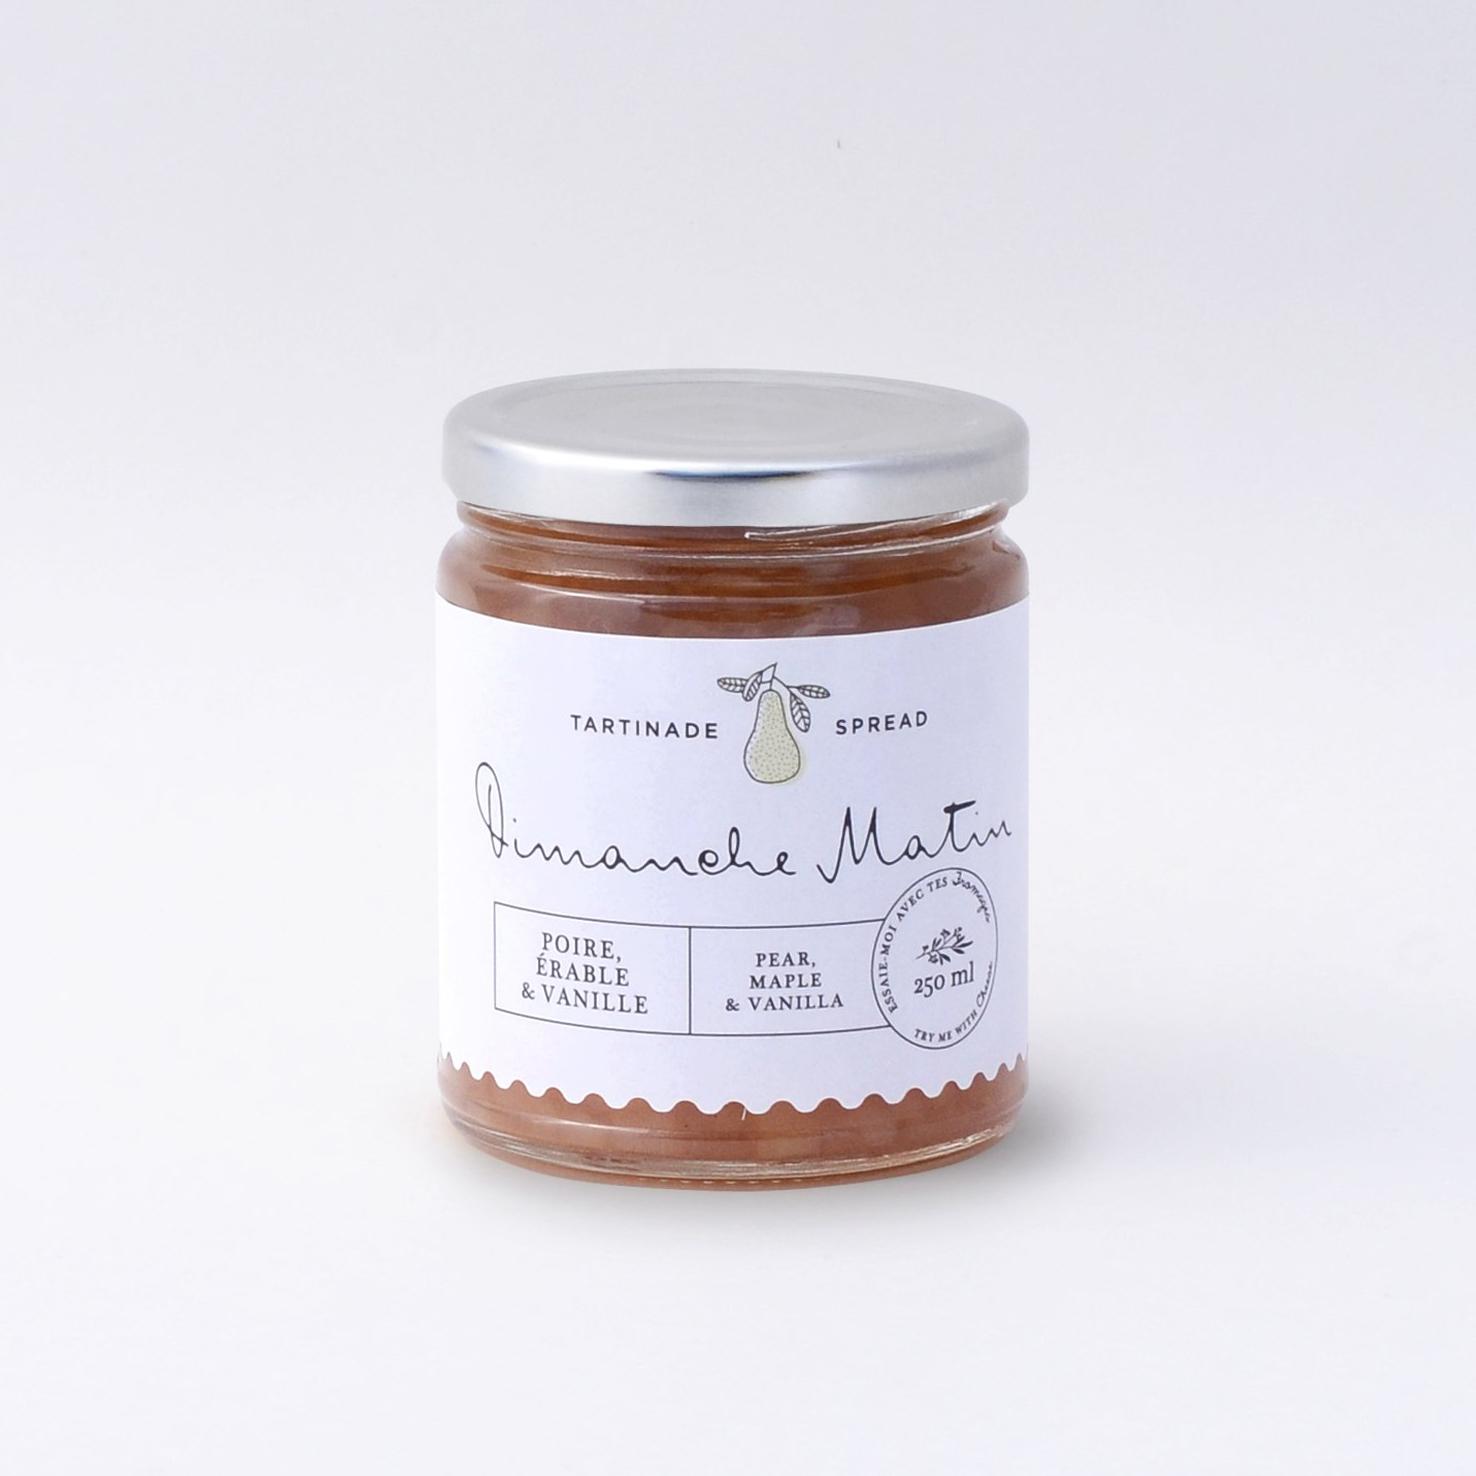 Tartinade poire, érable & vanille